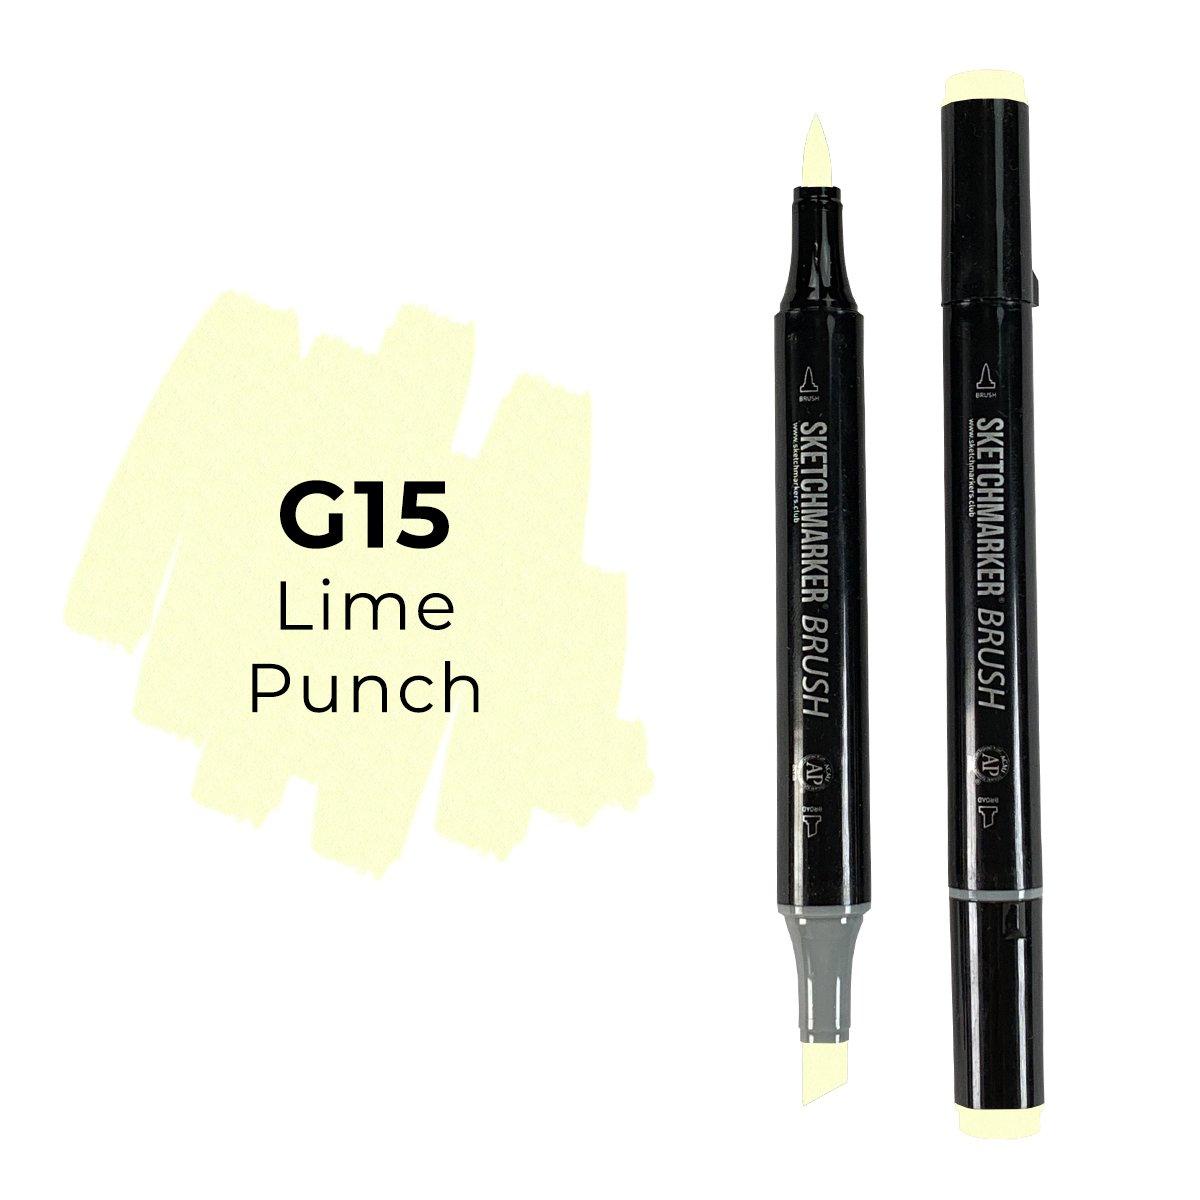 SKETCHMARKER BRUSH PRO Color: Lime Punch